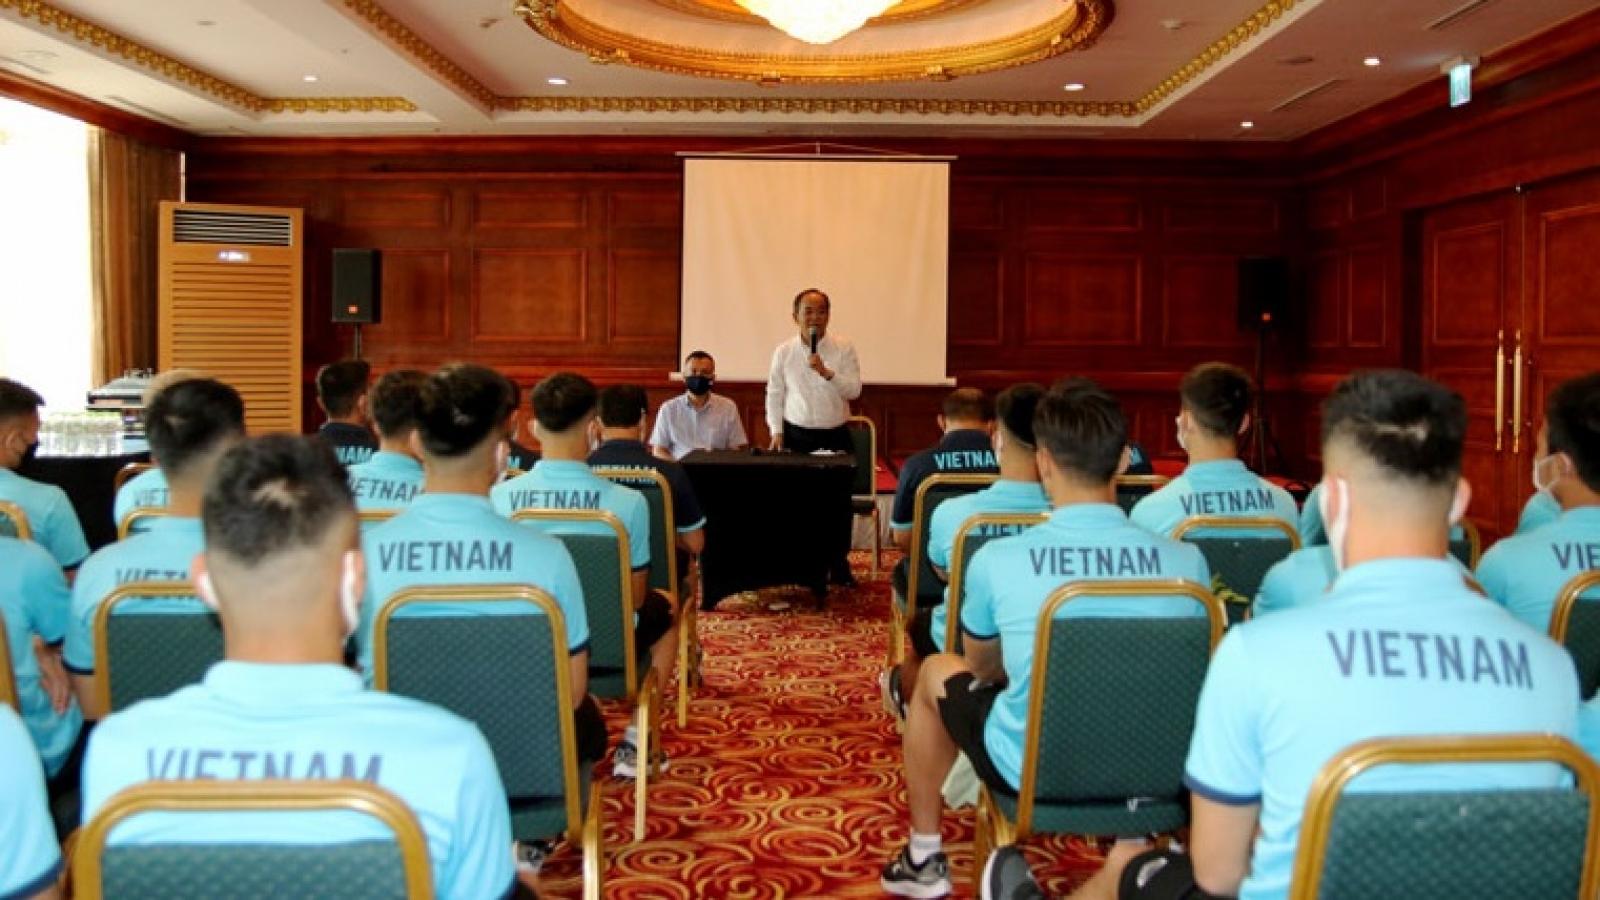 Chủ tịch VFF động viên và giao nhiệm vụ cho thầy trò HLV Park Hang Seo